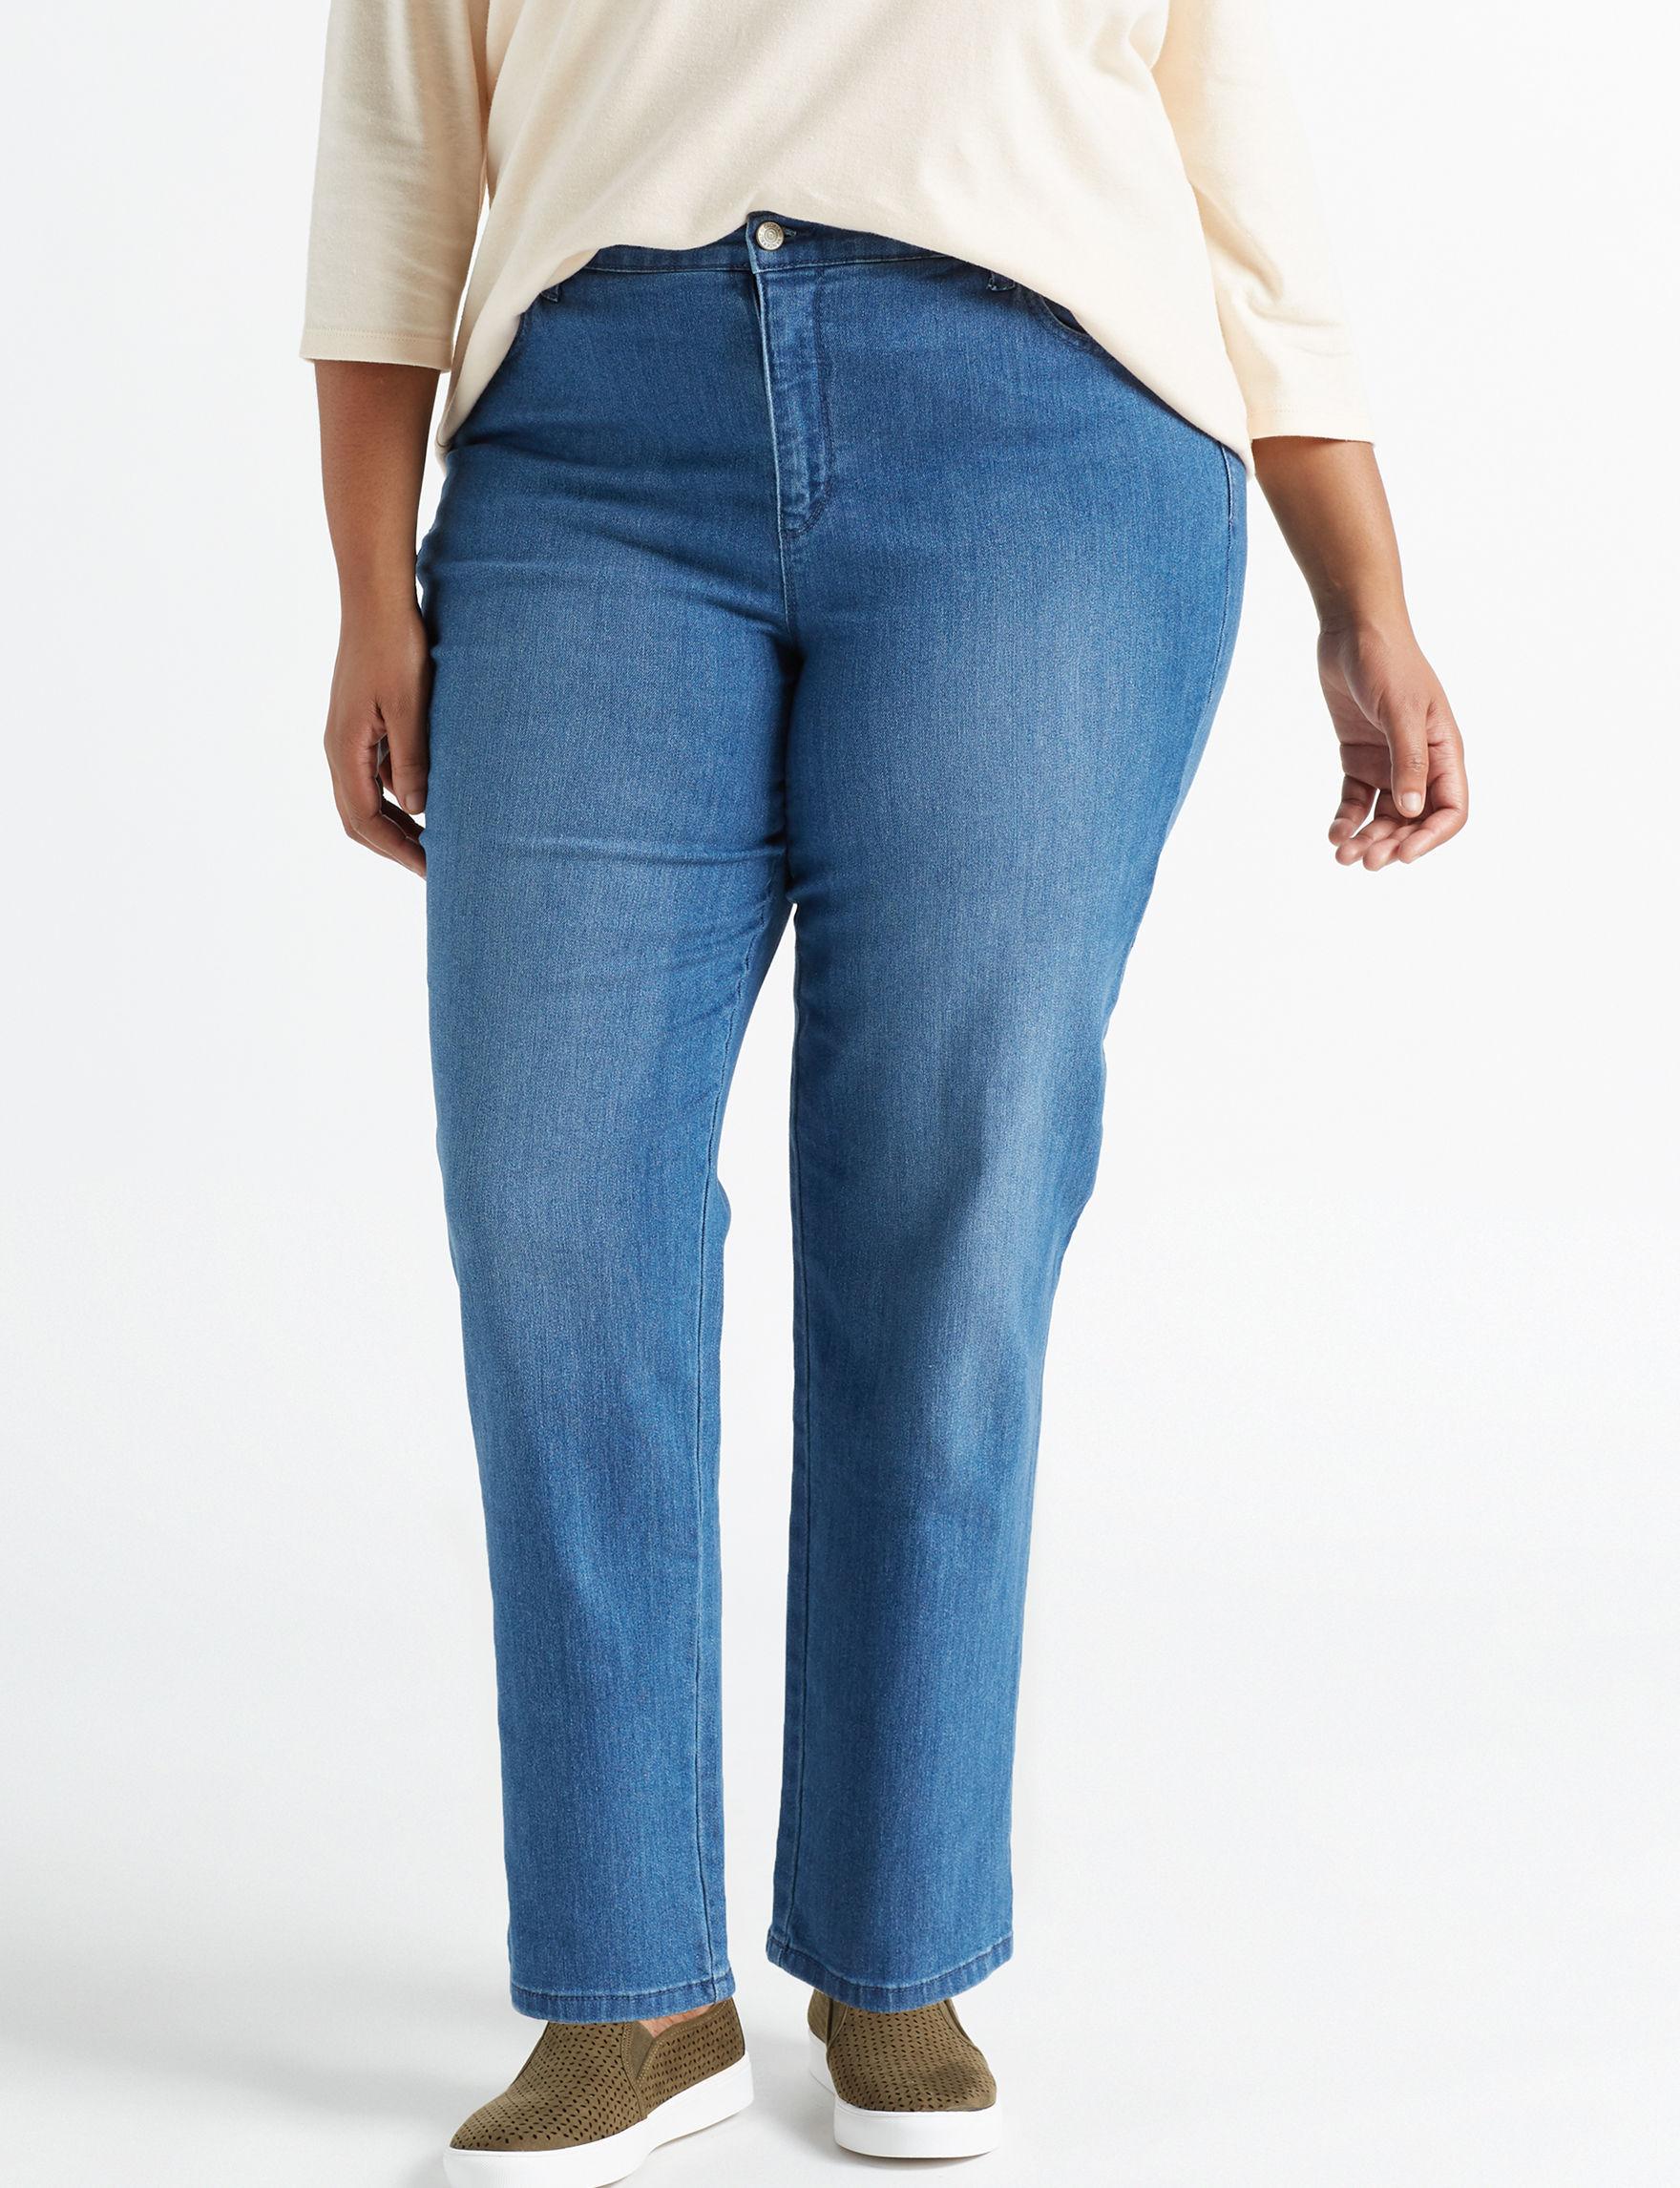 Gloria Vanderbilt Blue Straight